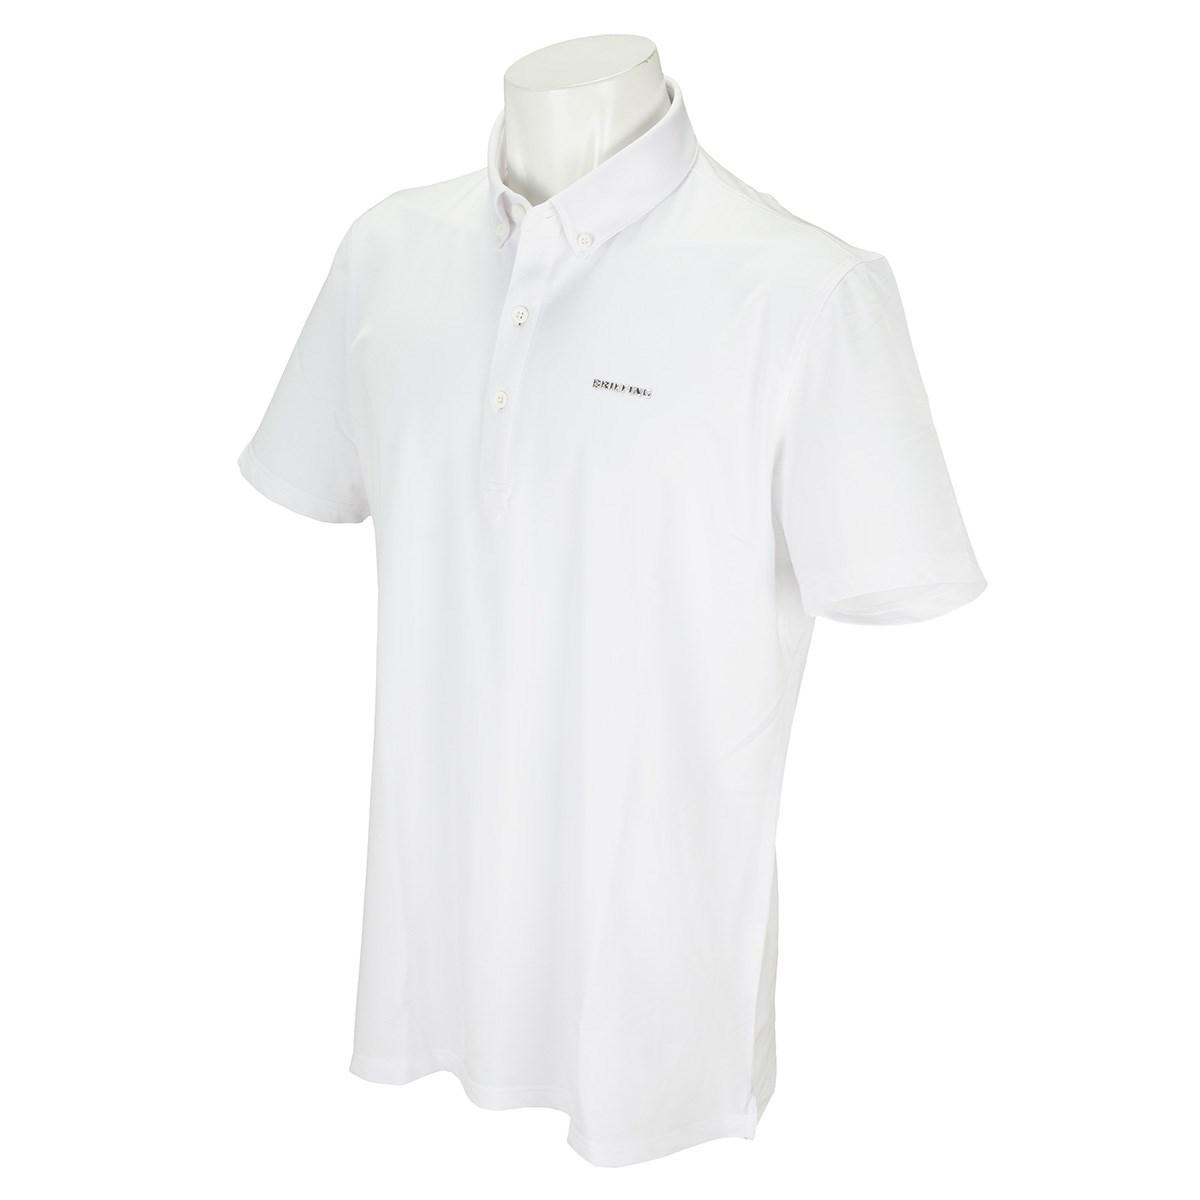 ブリーフィング ACTIVE ボタンダウン半袖ポロシャツ